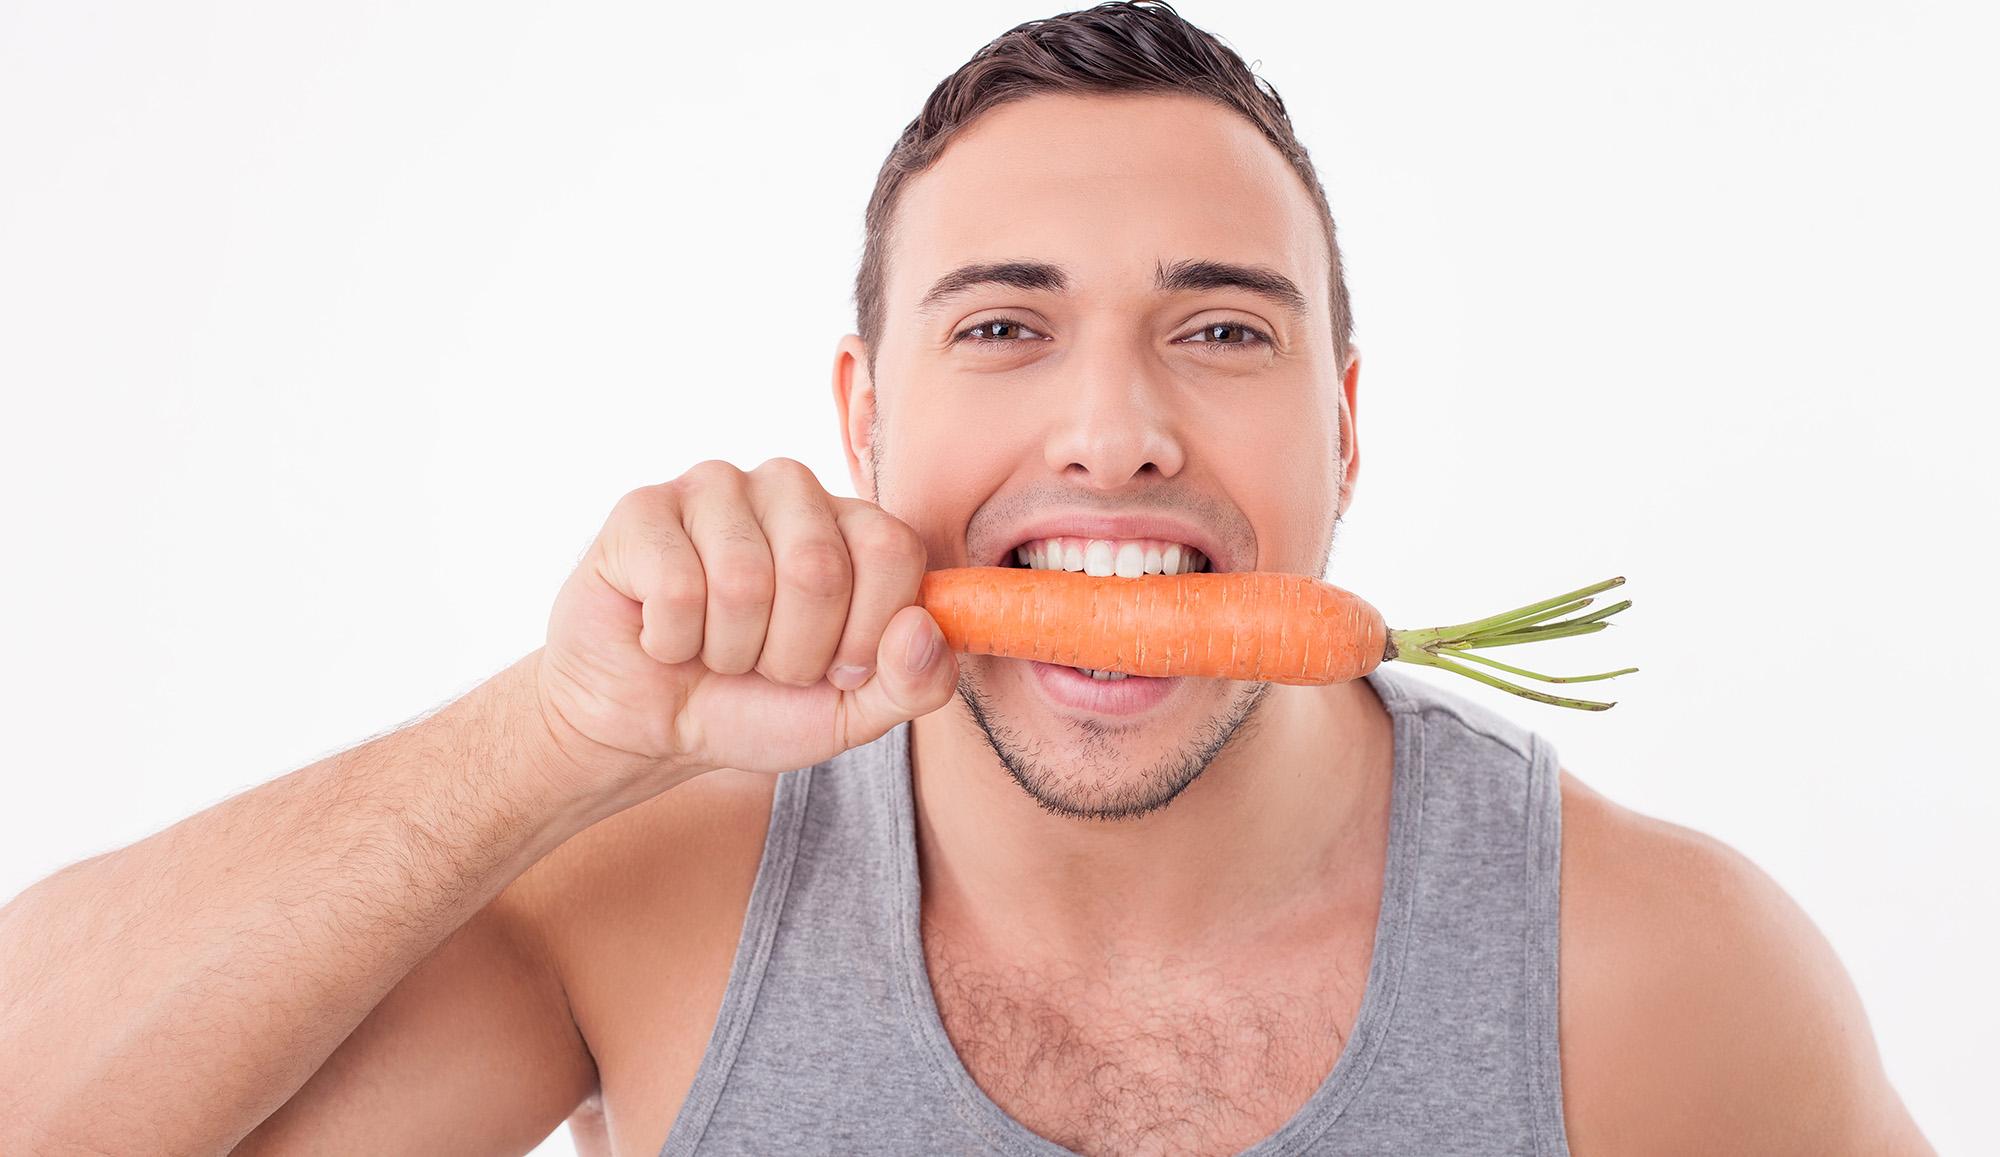 dieta-sexo-anal-gay-passivo